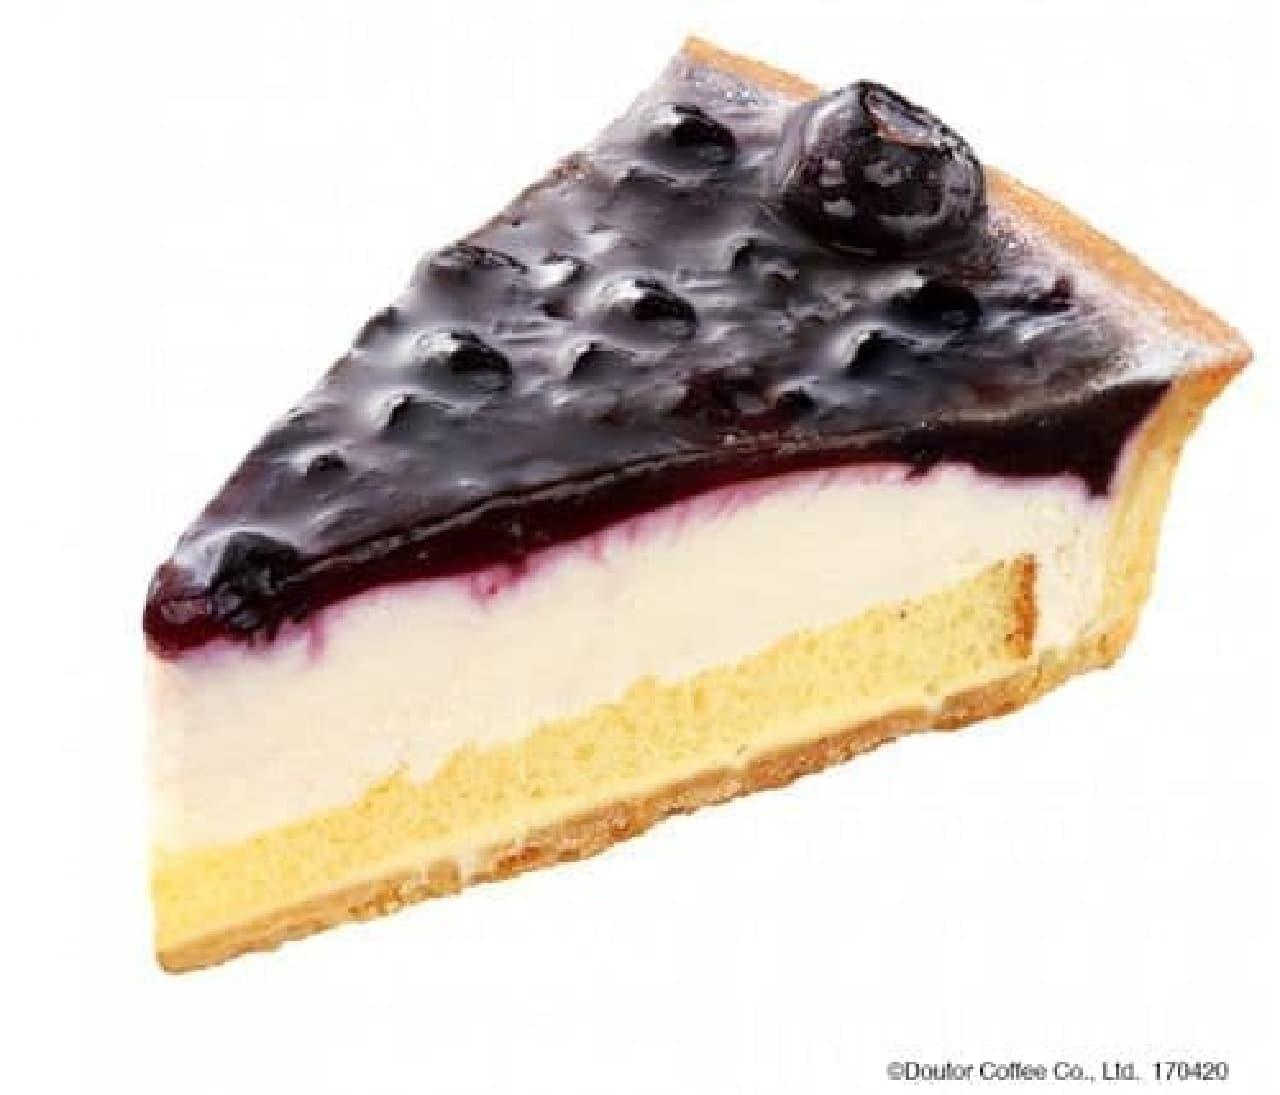 ドトールコーヒー「北海道クリームチーズのレアチーズタルト」